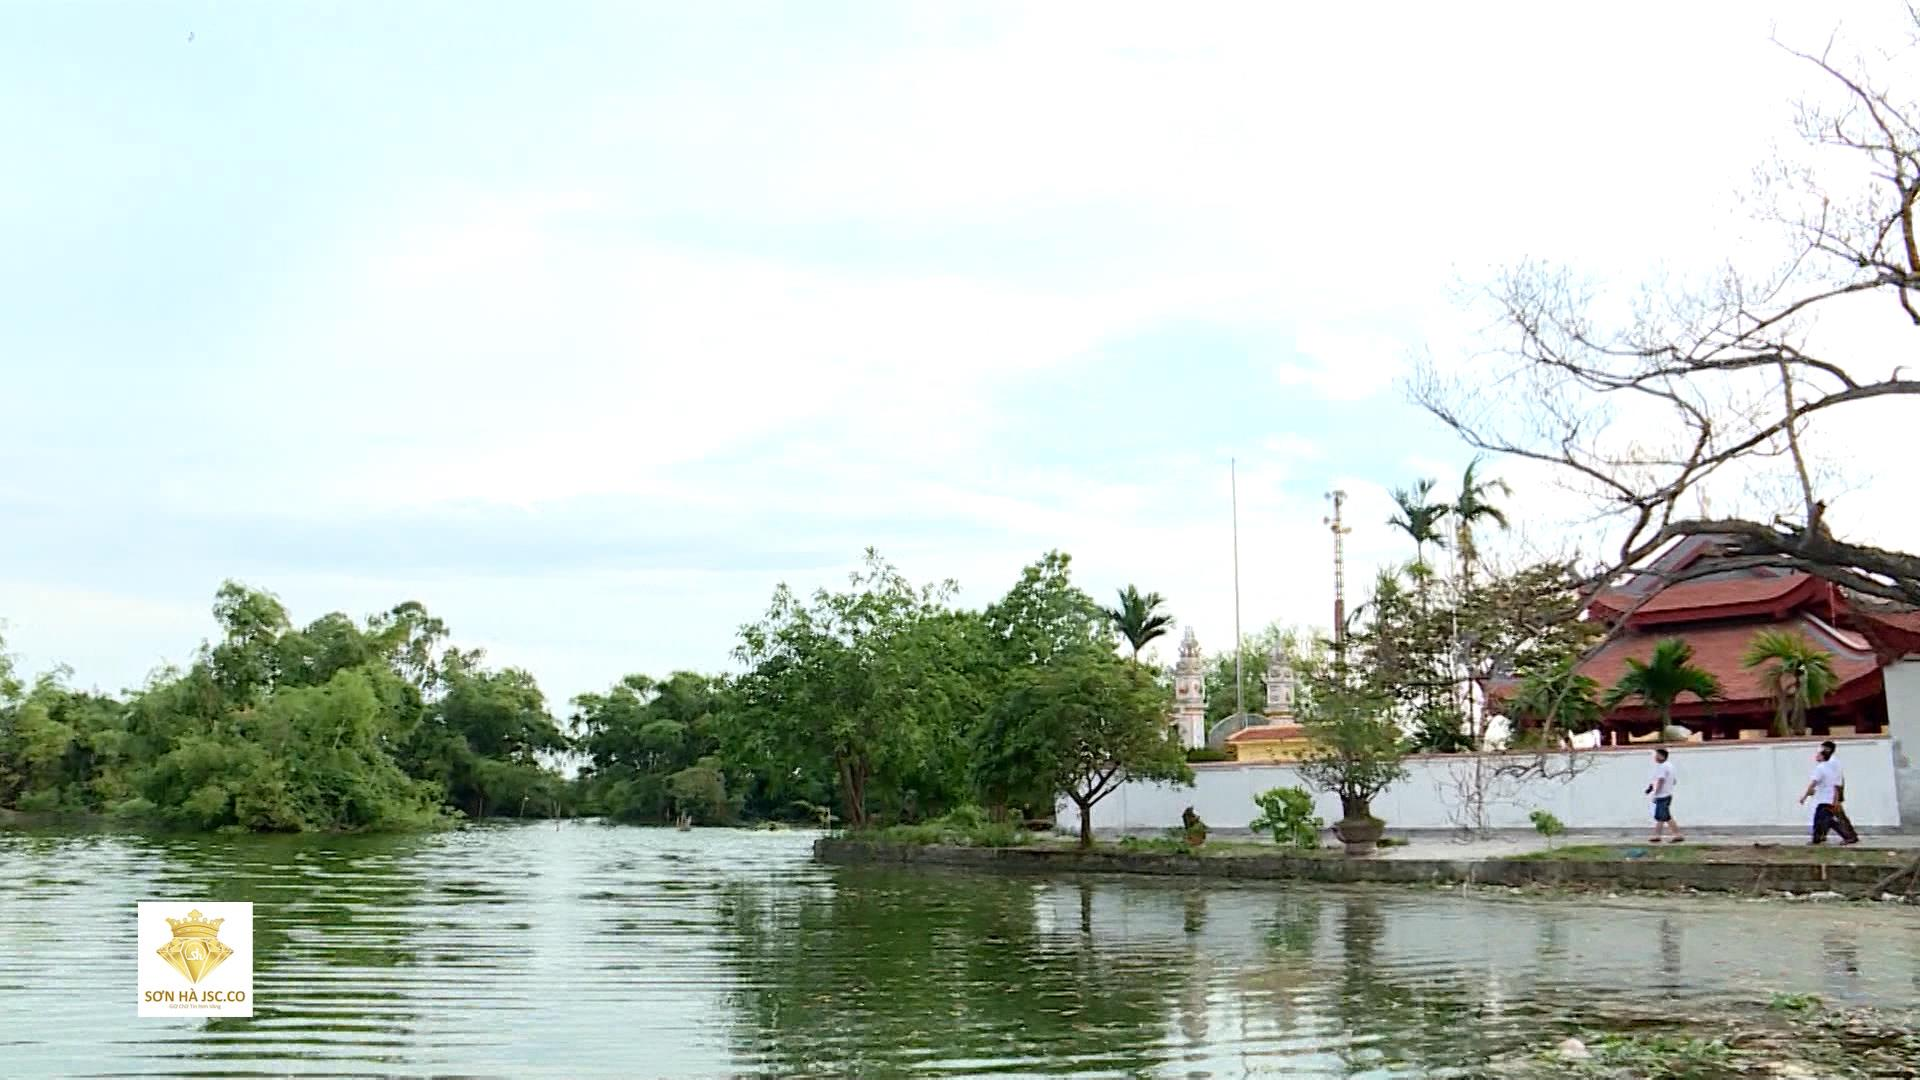 Vườn cò Đông xuyên, xã Đông Tiến, huyện Yên Phong